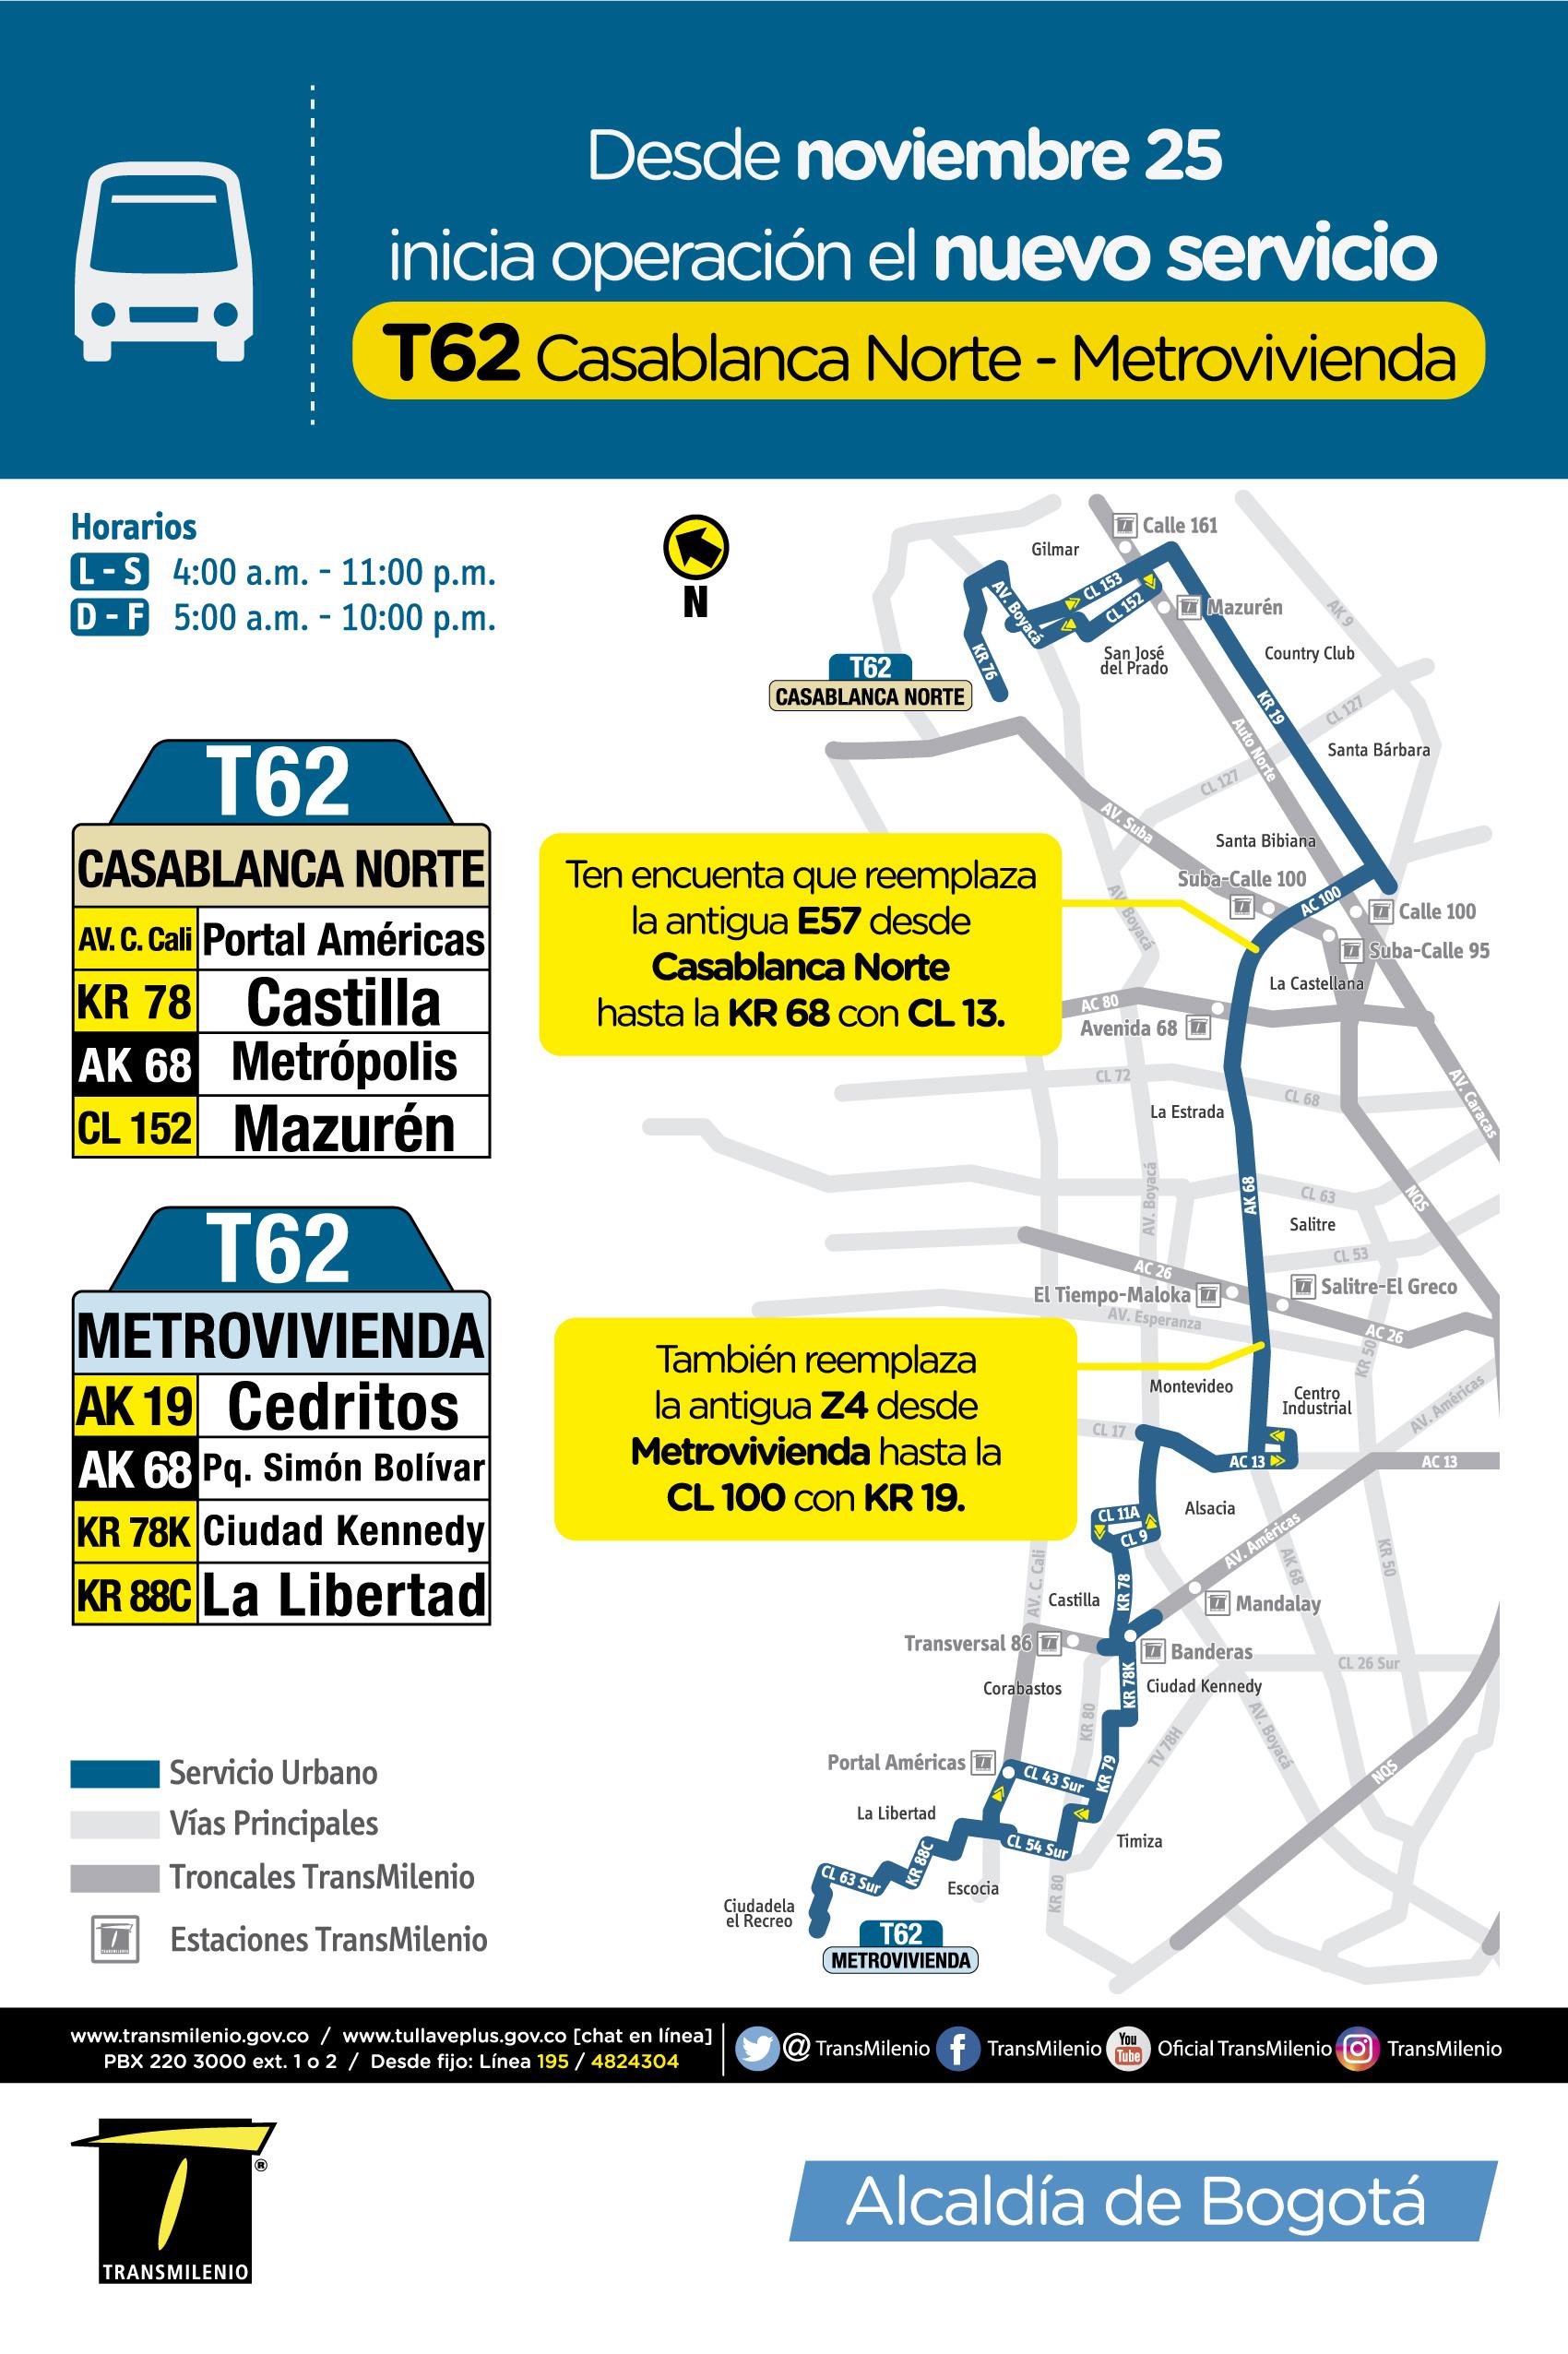 Mapa del a ruta T62